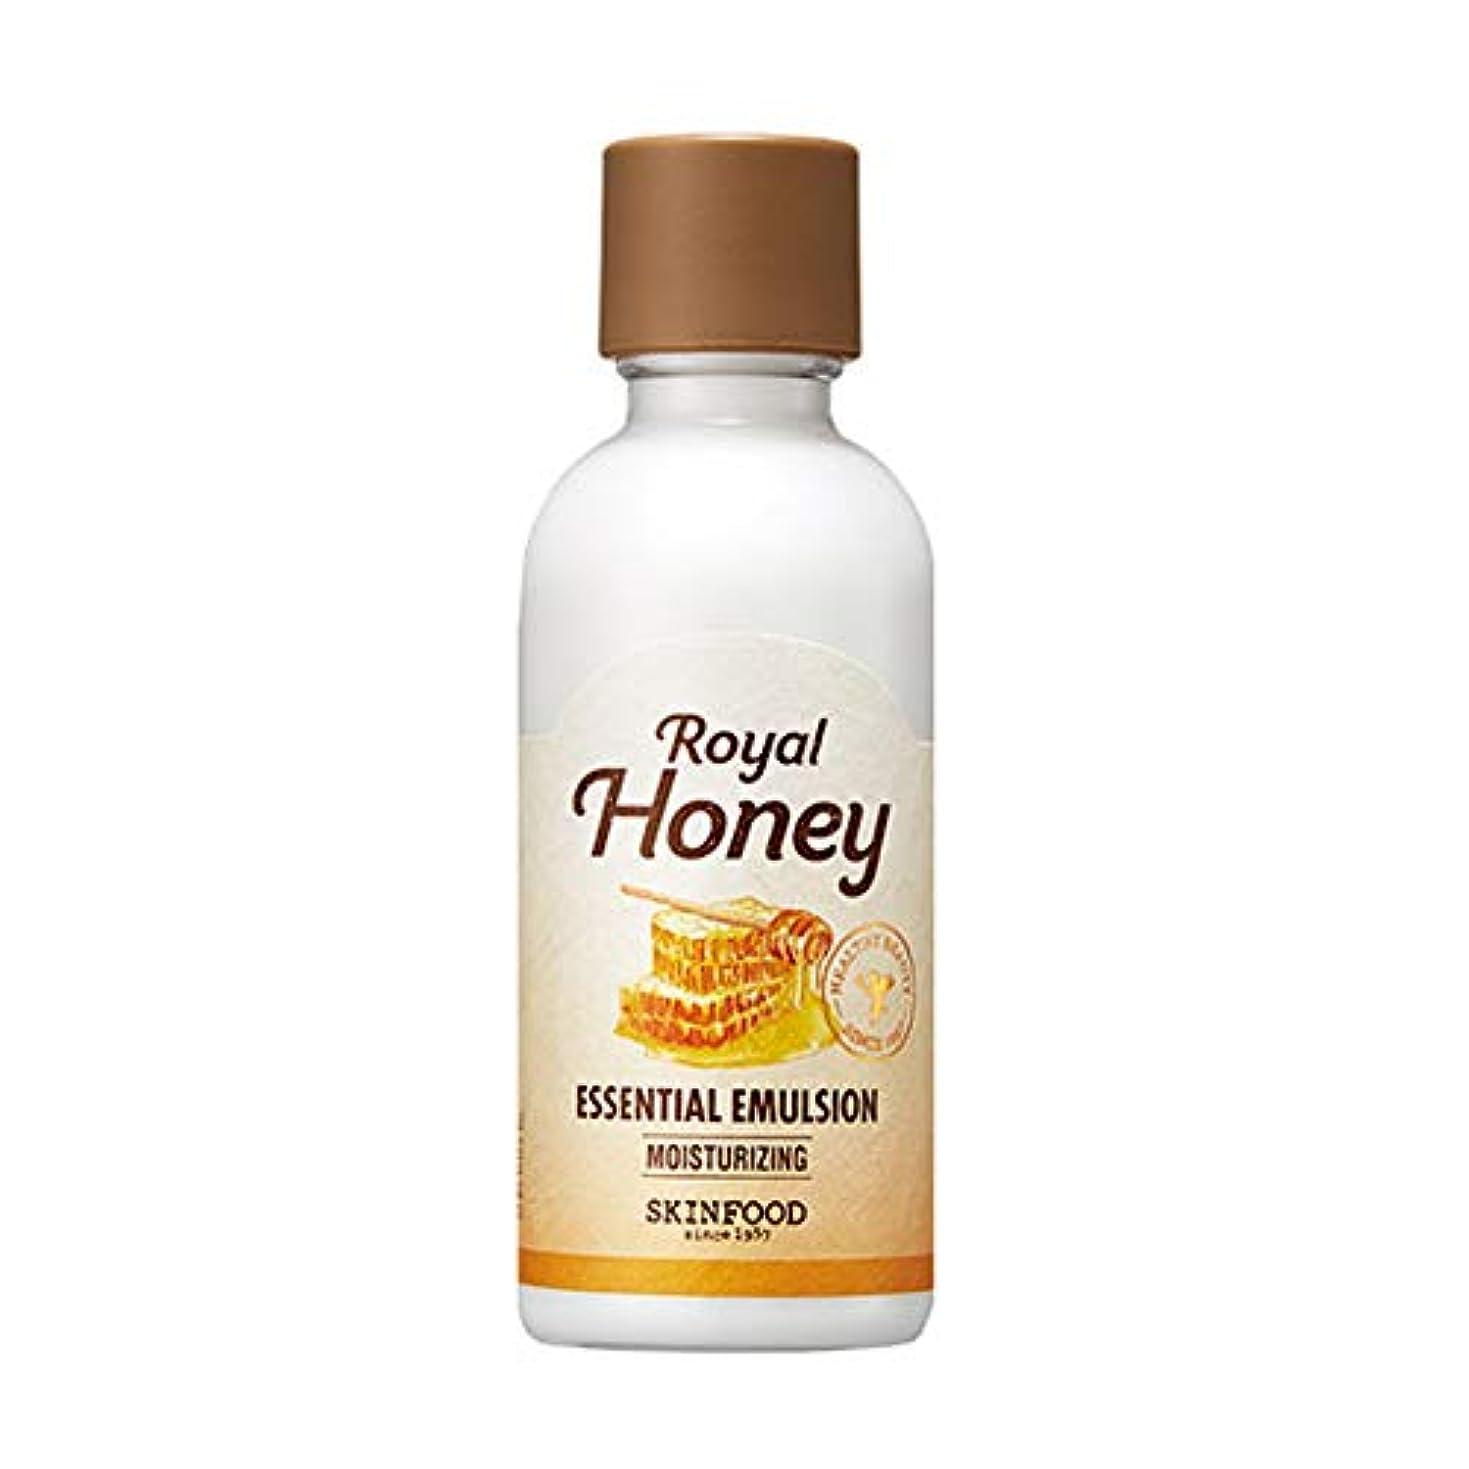 聖人農場推進力Skinfood ロイヤルハニーエッセンシャルエマルジョン/Royal Honey Essential Emulsion 160ml [並行輸入品]